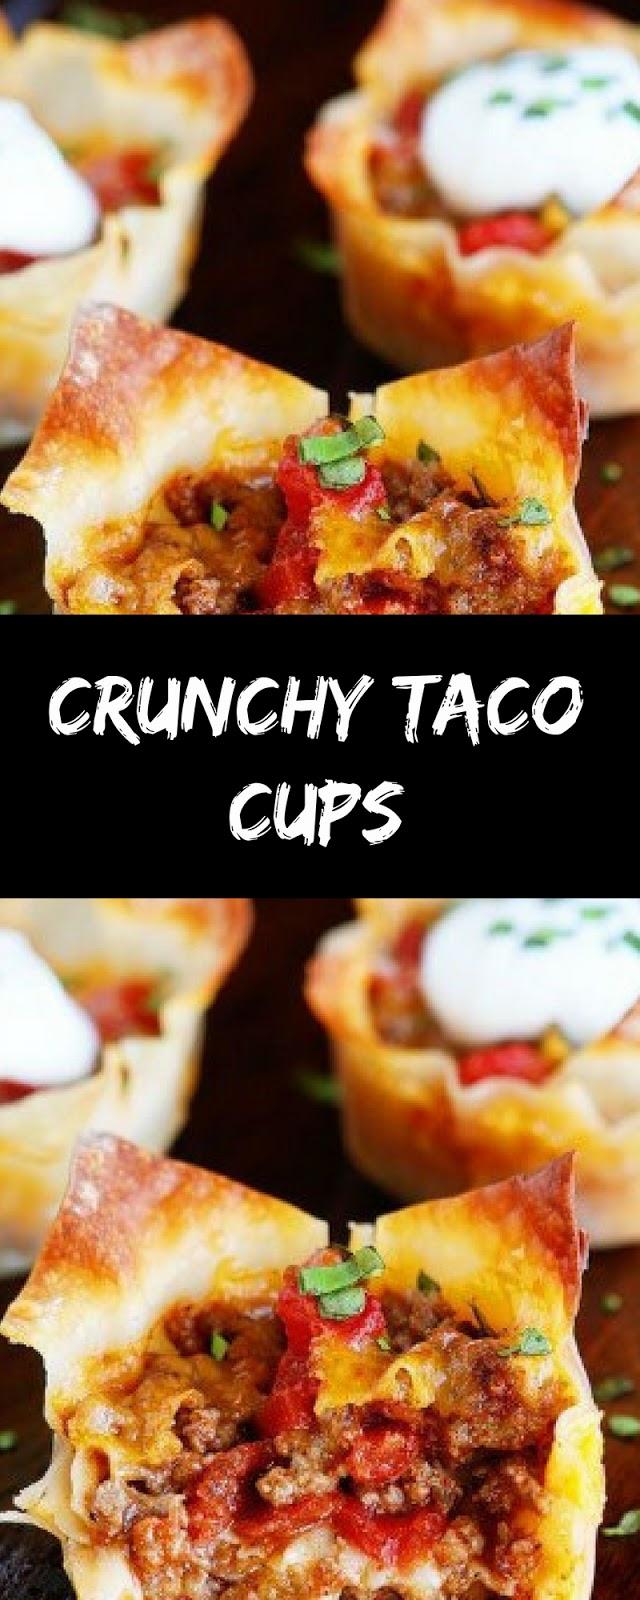 DELICIOUS CRUNCHY TACO CUPS